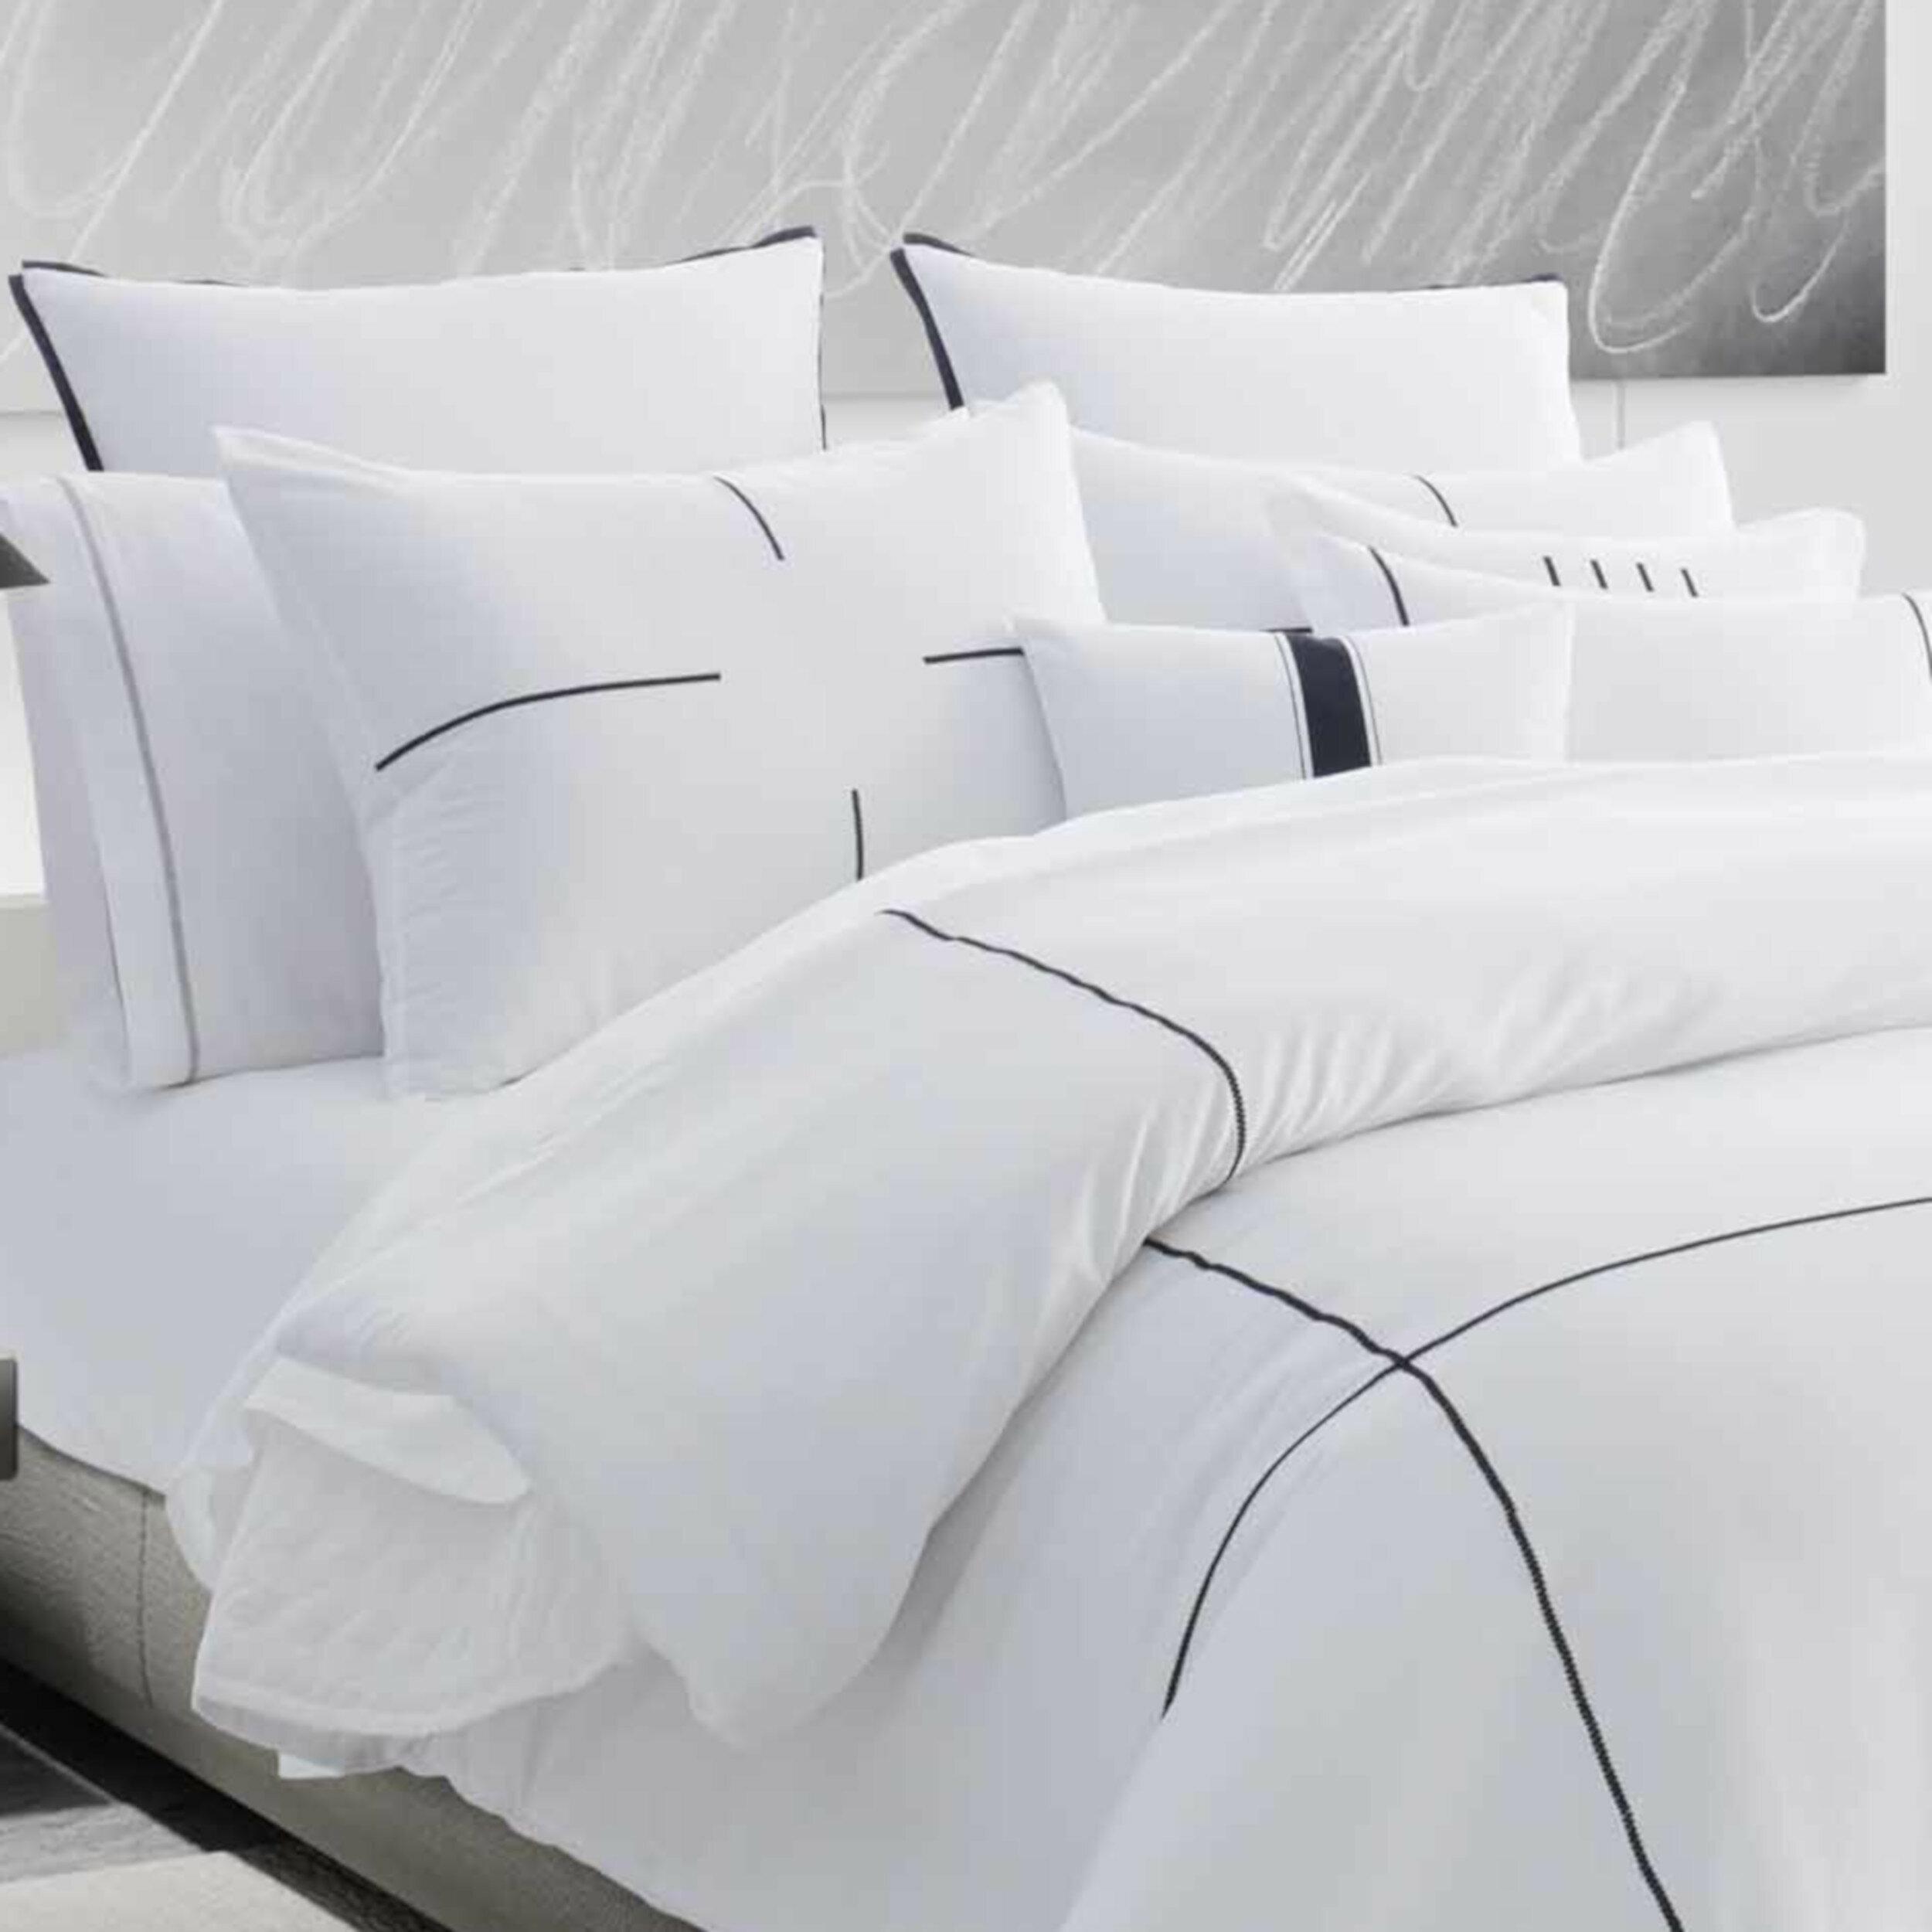 Zig Zag Reversible Comforter Set Reviews Allmodern